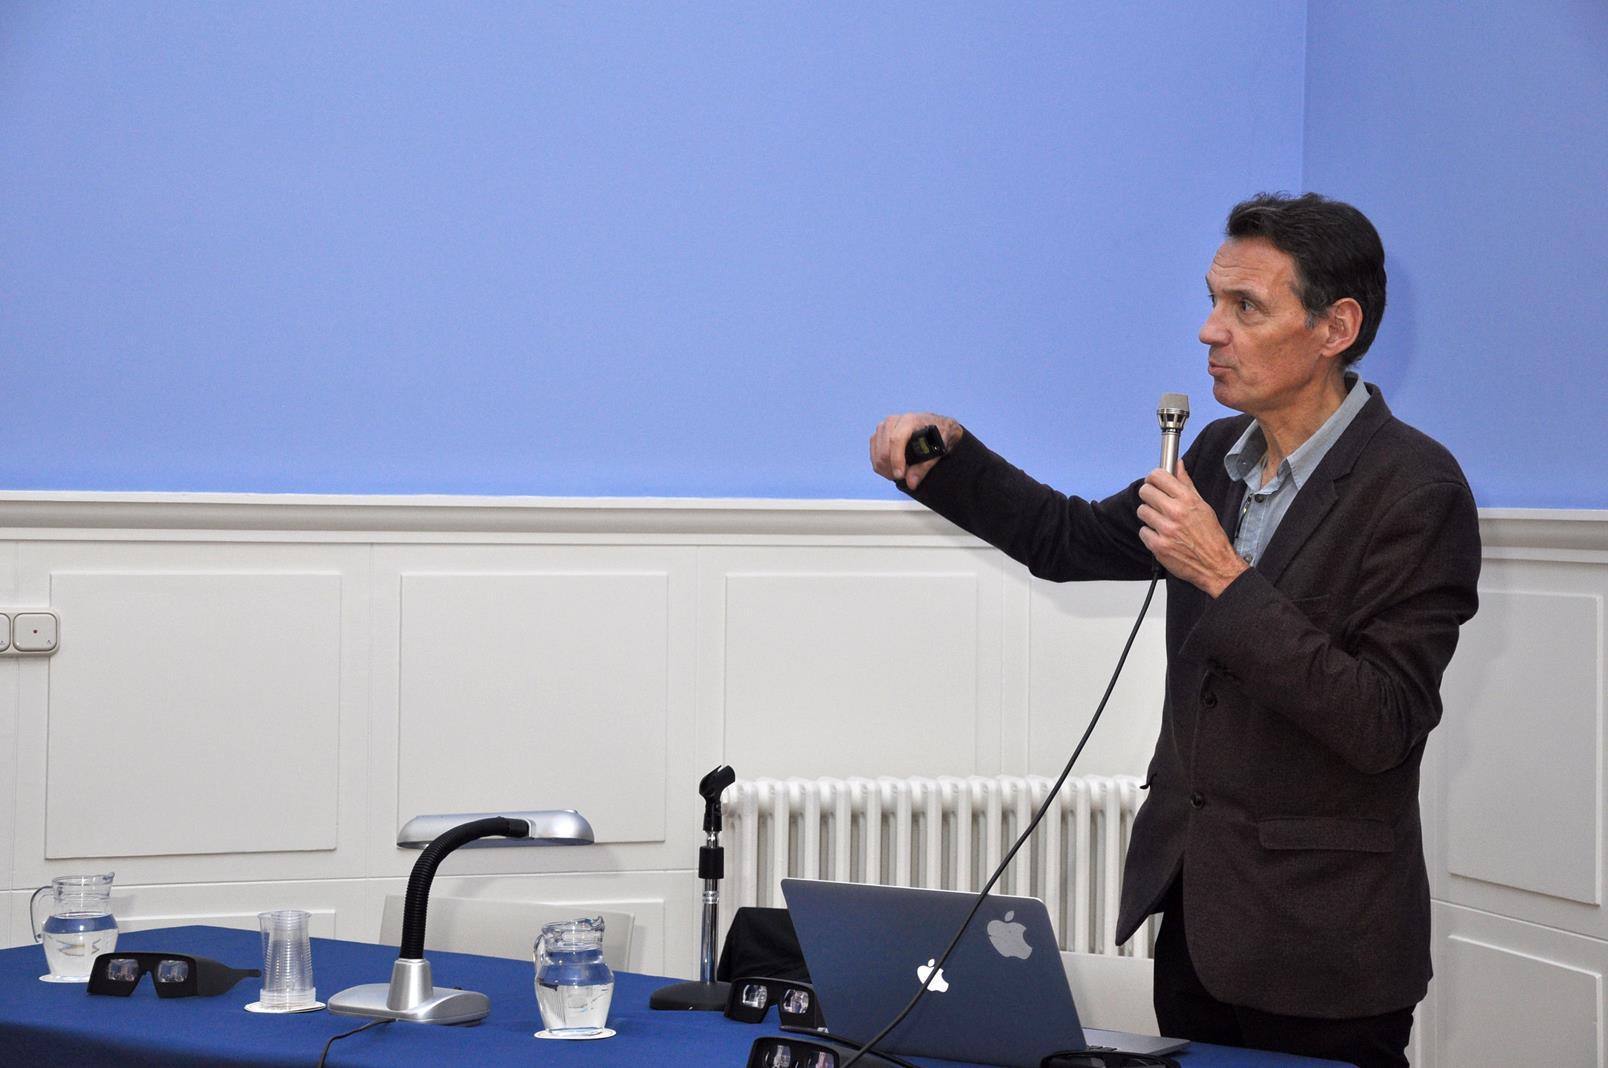 Denis Pellerin, Director de la London Stereoscopic Company. Ponencia inaugural, 23/10/19